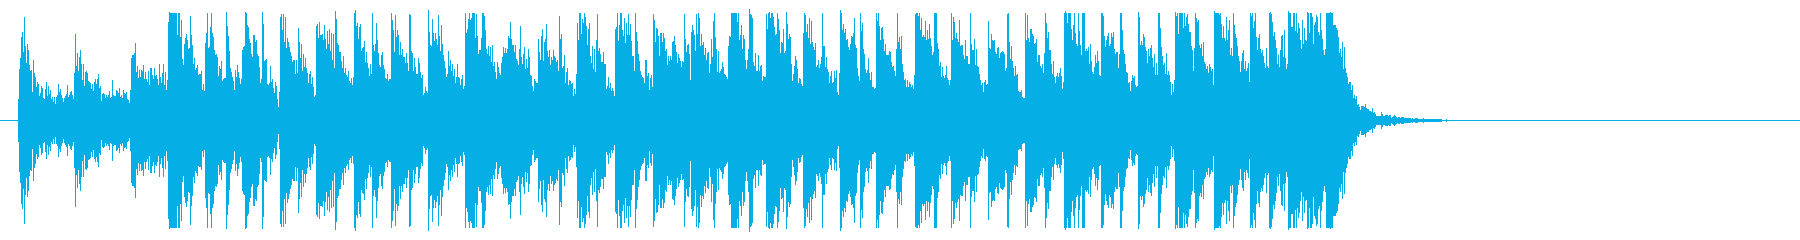 三味線と太鼓のアンサンブル4BPM120の再生済みの波形